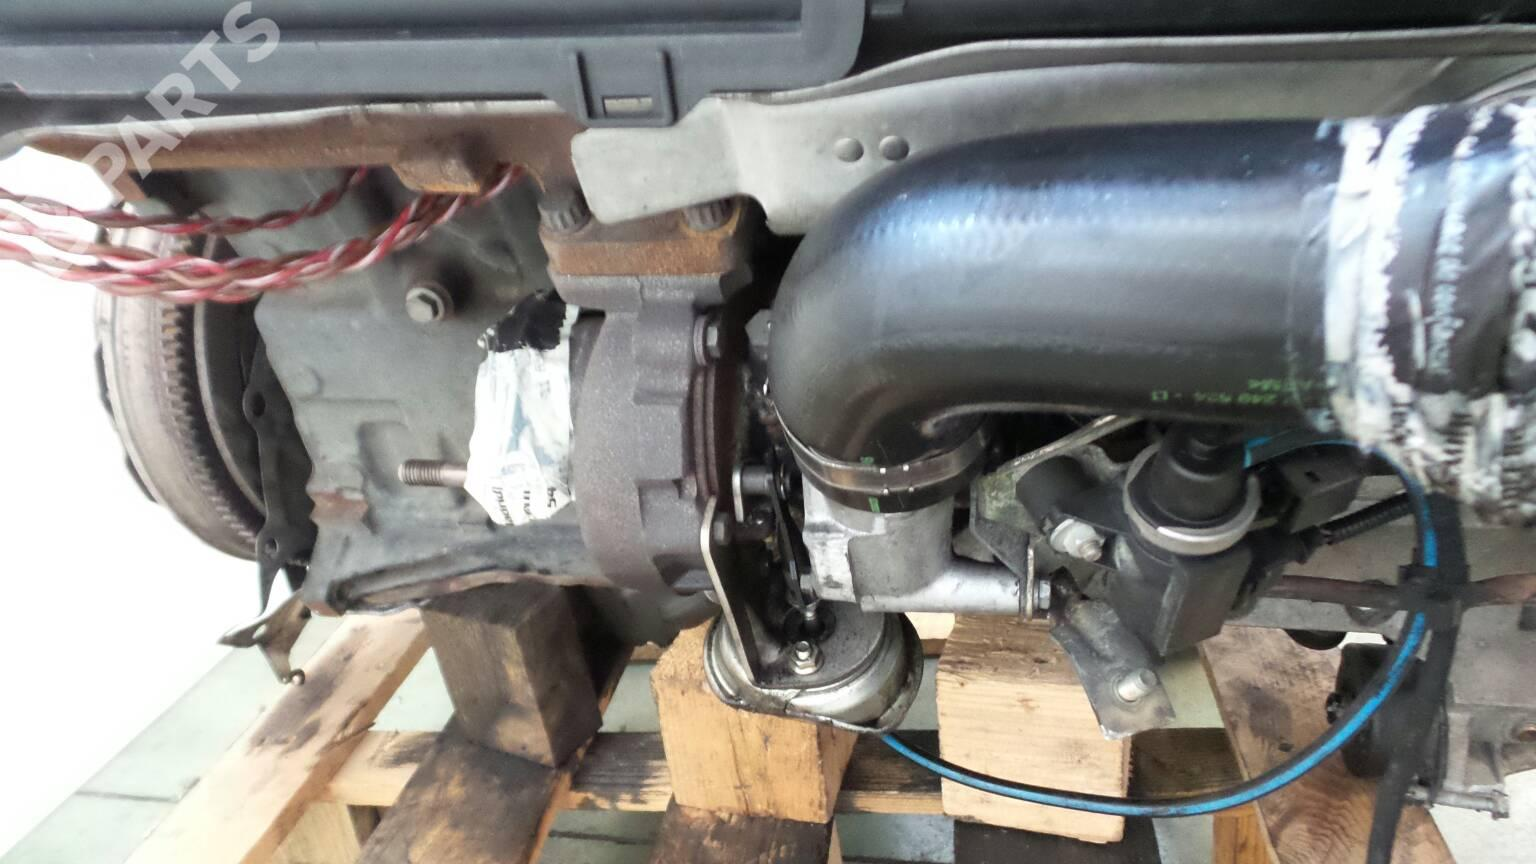 Engine Bmw X5 E53 30 D 37136 Motor Blower Complete 306d1 184hp M57 D30